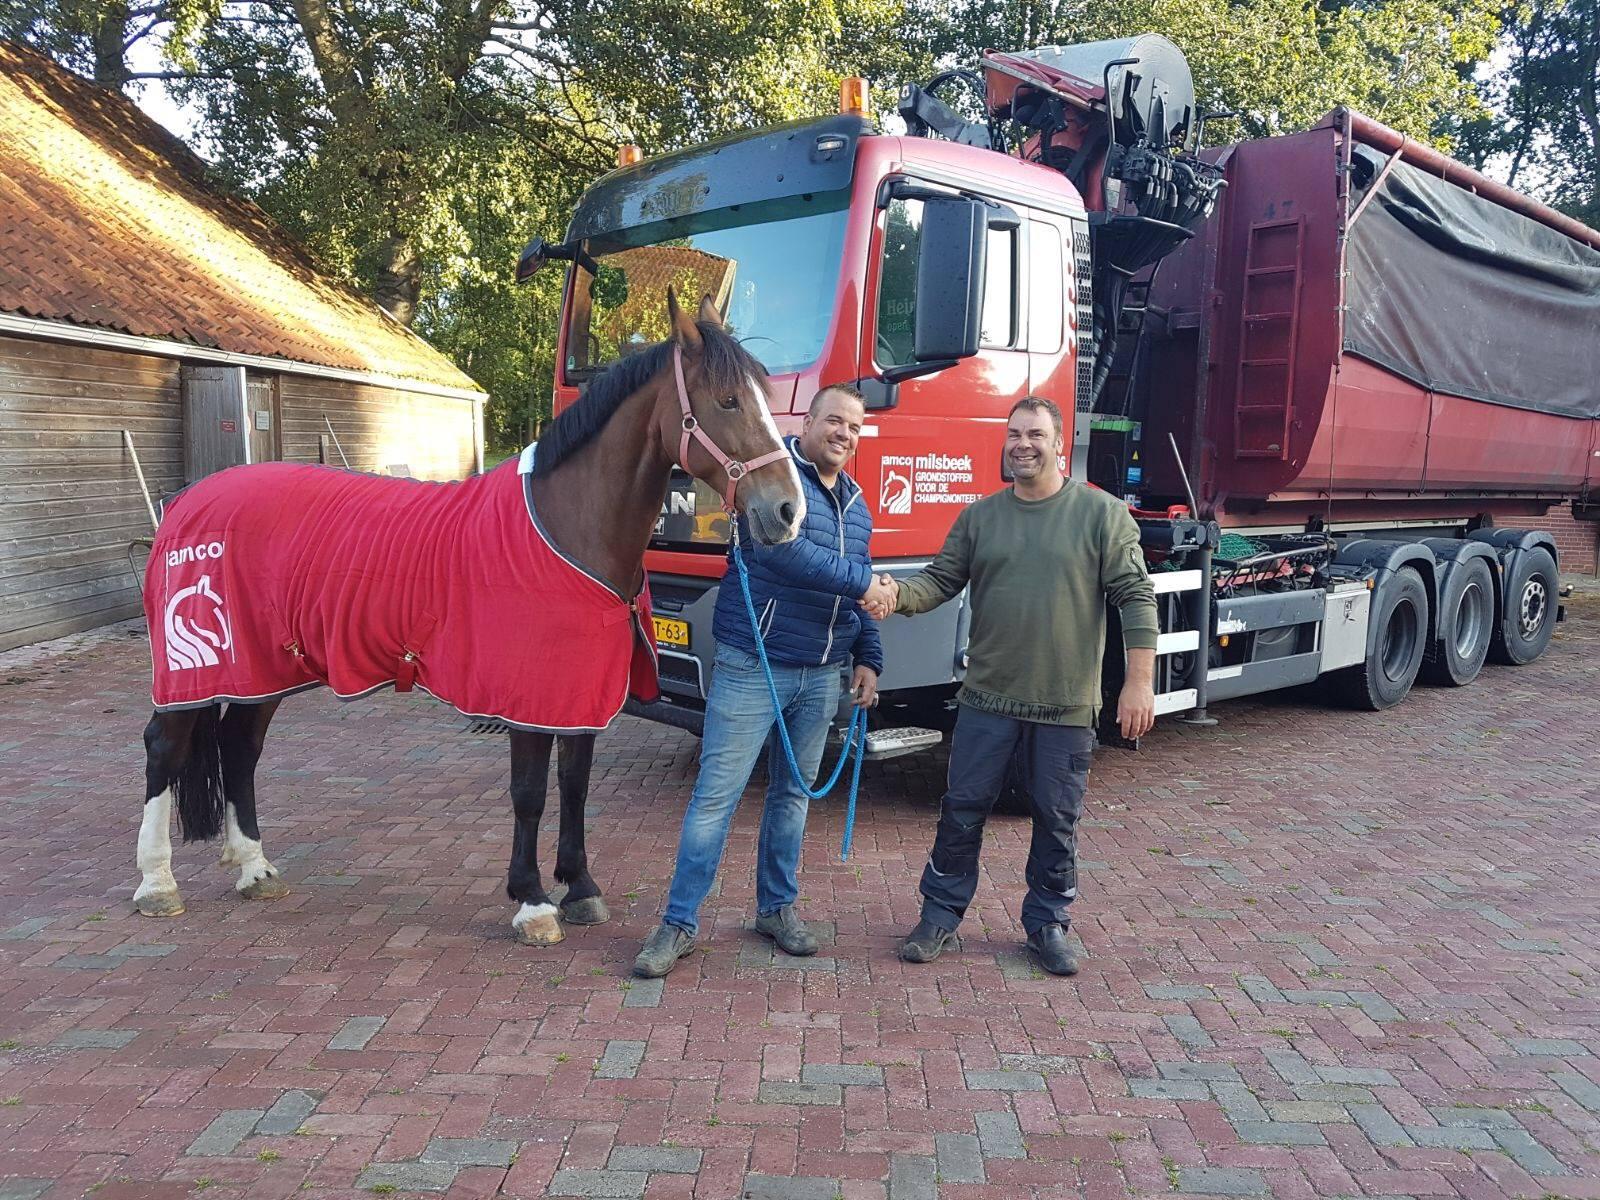 Chauffeur-Jacco-Wassenaar-Nog-een-enthousiaste-winnaar-van-een-AMCO-paardendeken-Pieter-Prins-van-Manege-Lipizza-Veendam